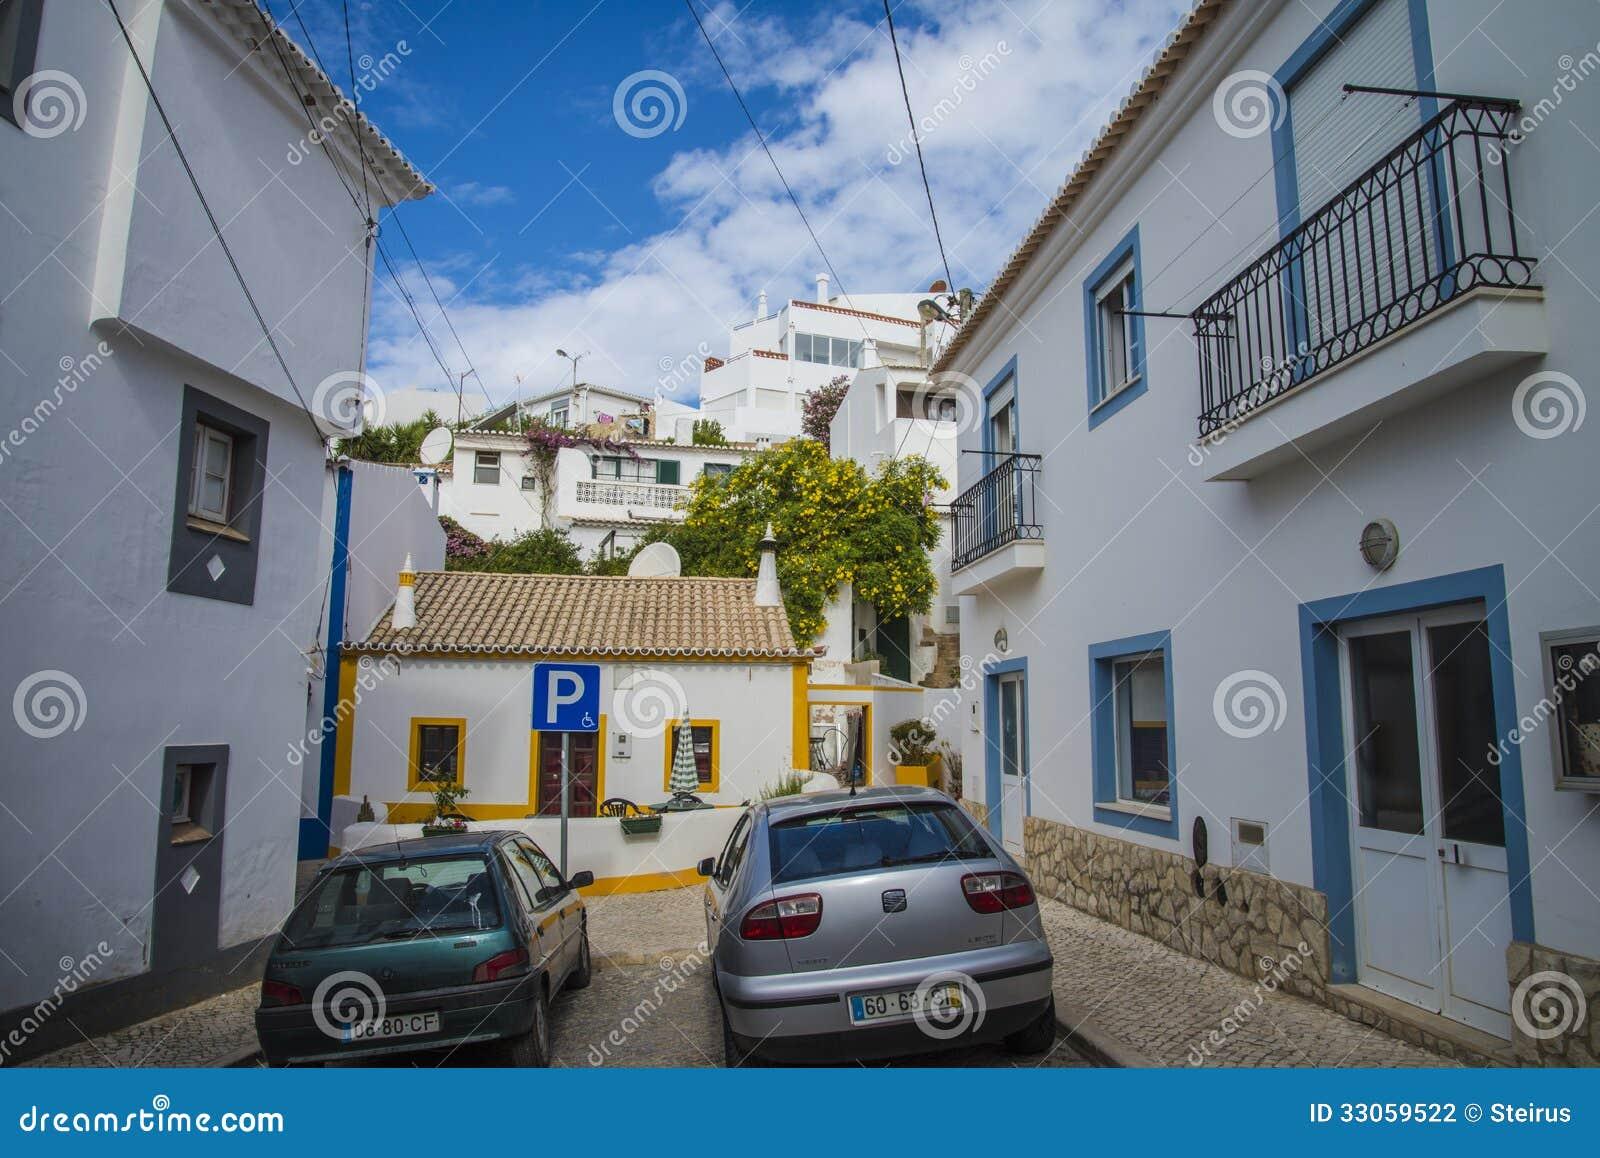 Calles estrechas y casas blancas pintadas en burgau for Casas estrechas